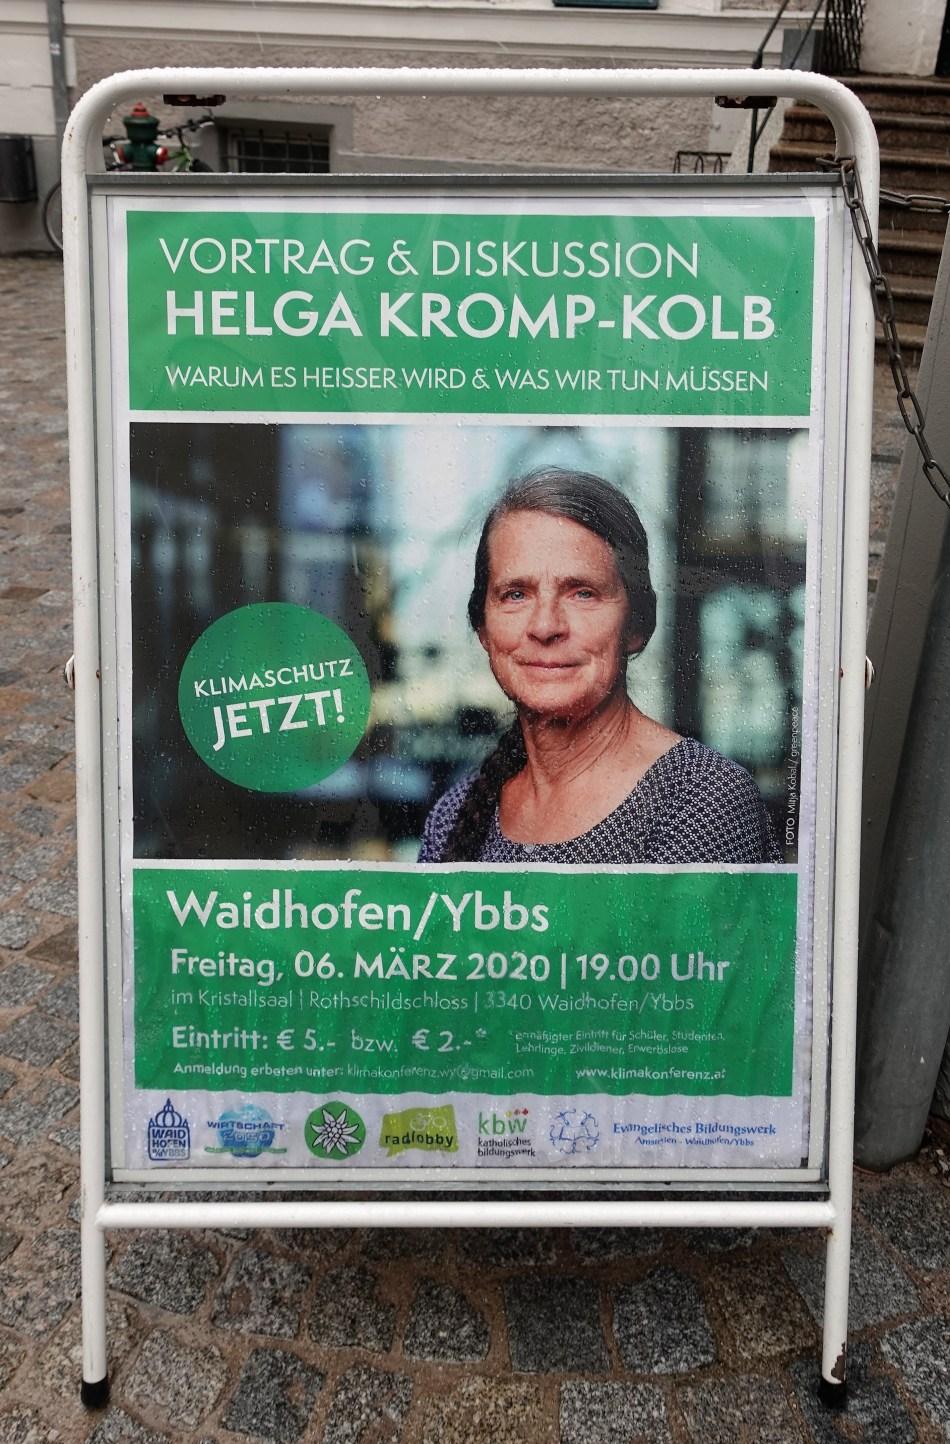 Vortrag Waidhofen